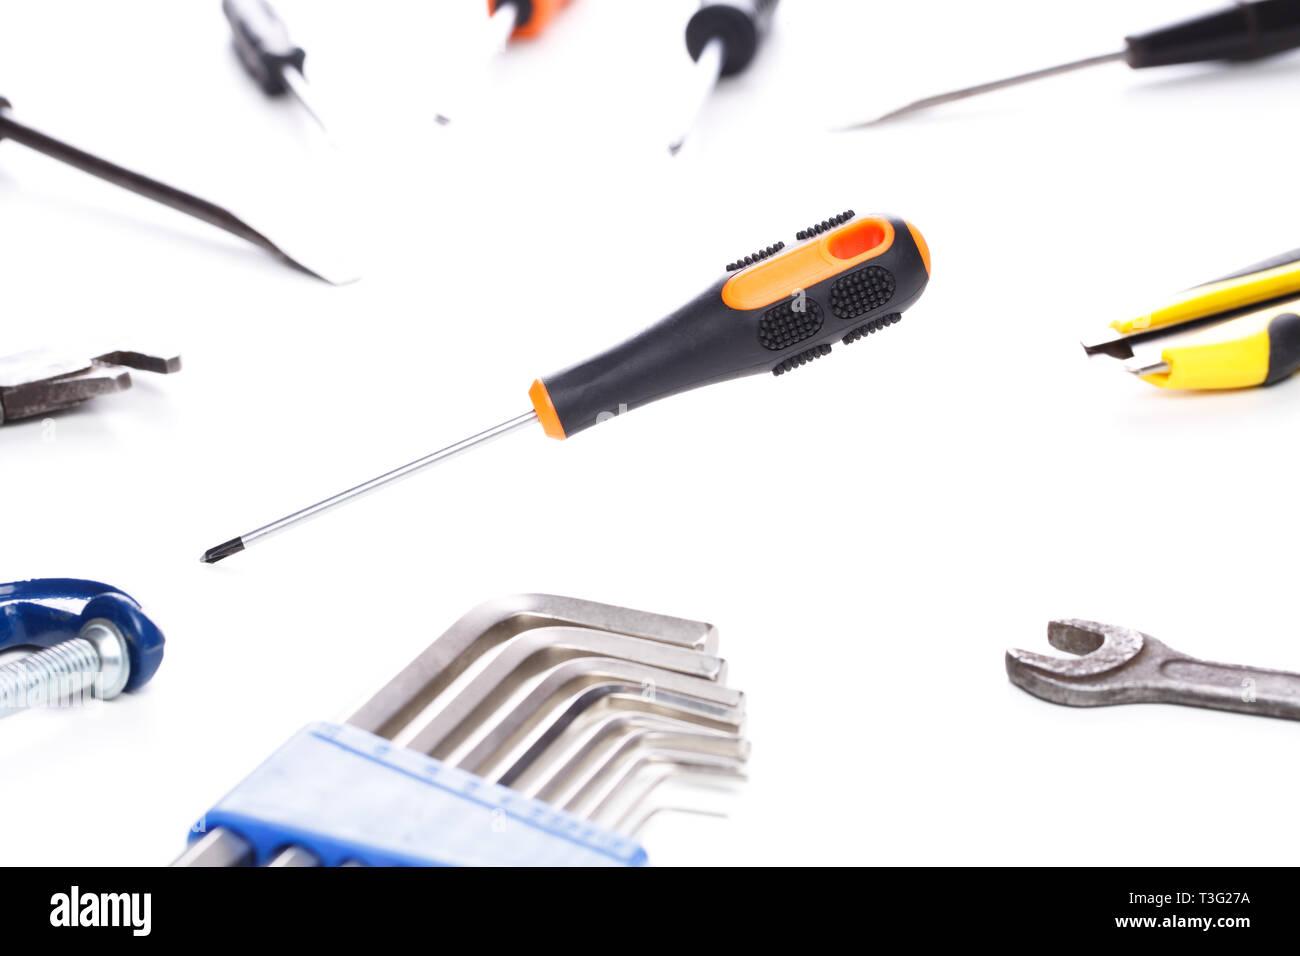 Bild von Werkzeugen mit Schraubendreher Stockfoto